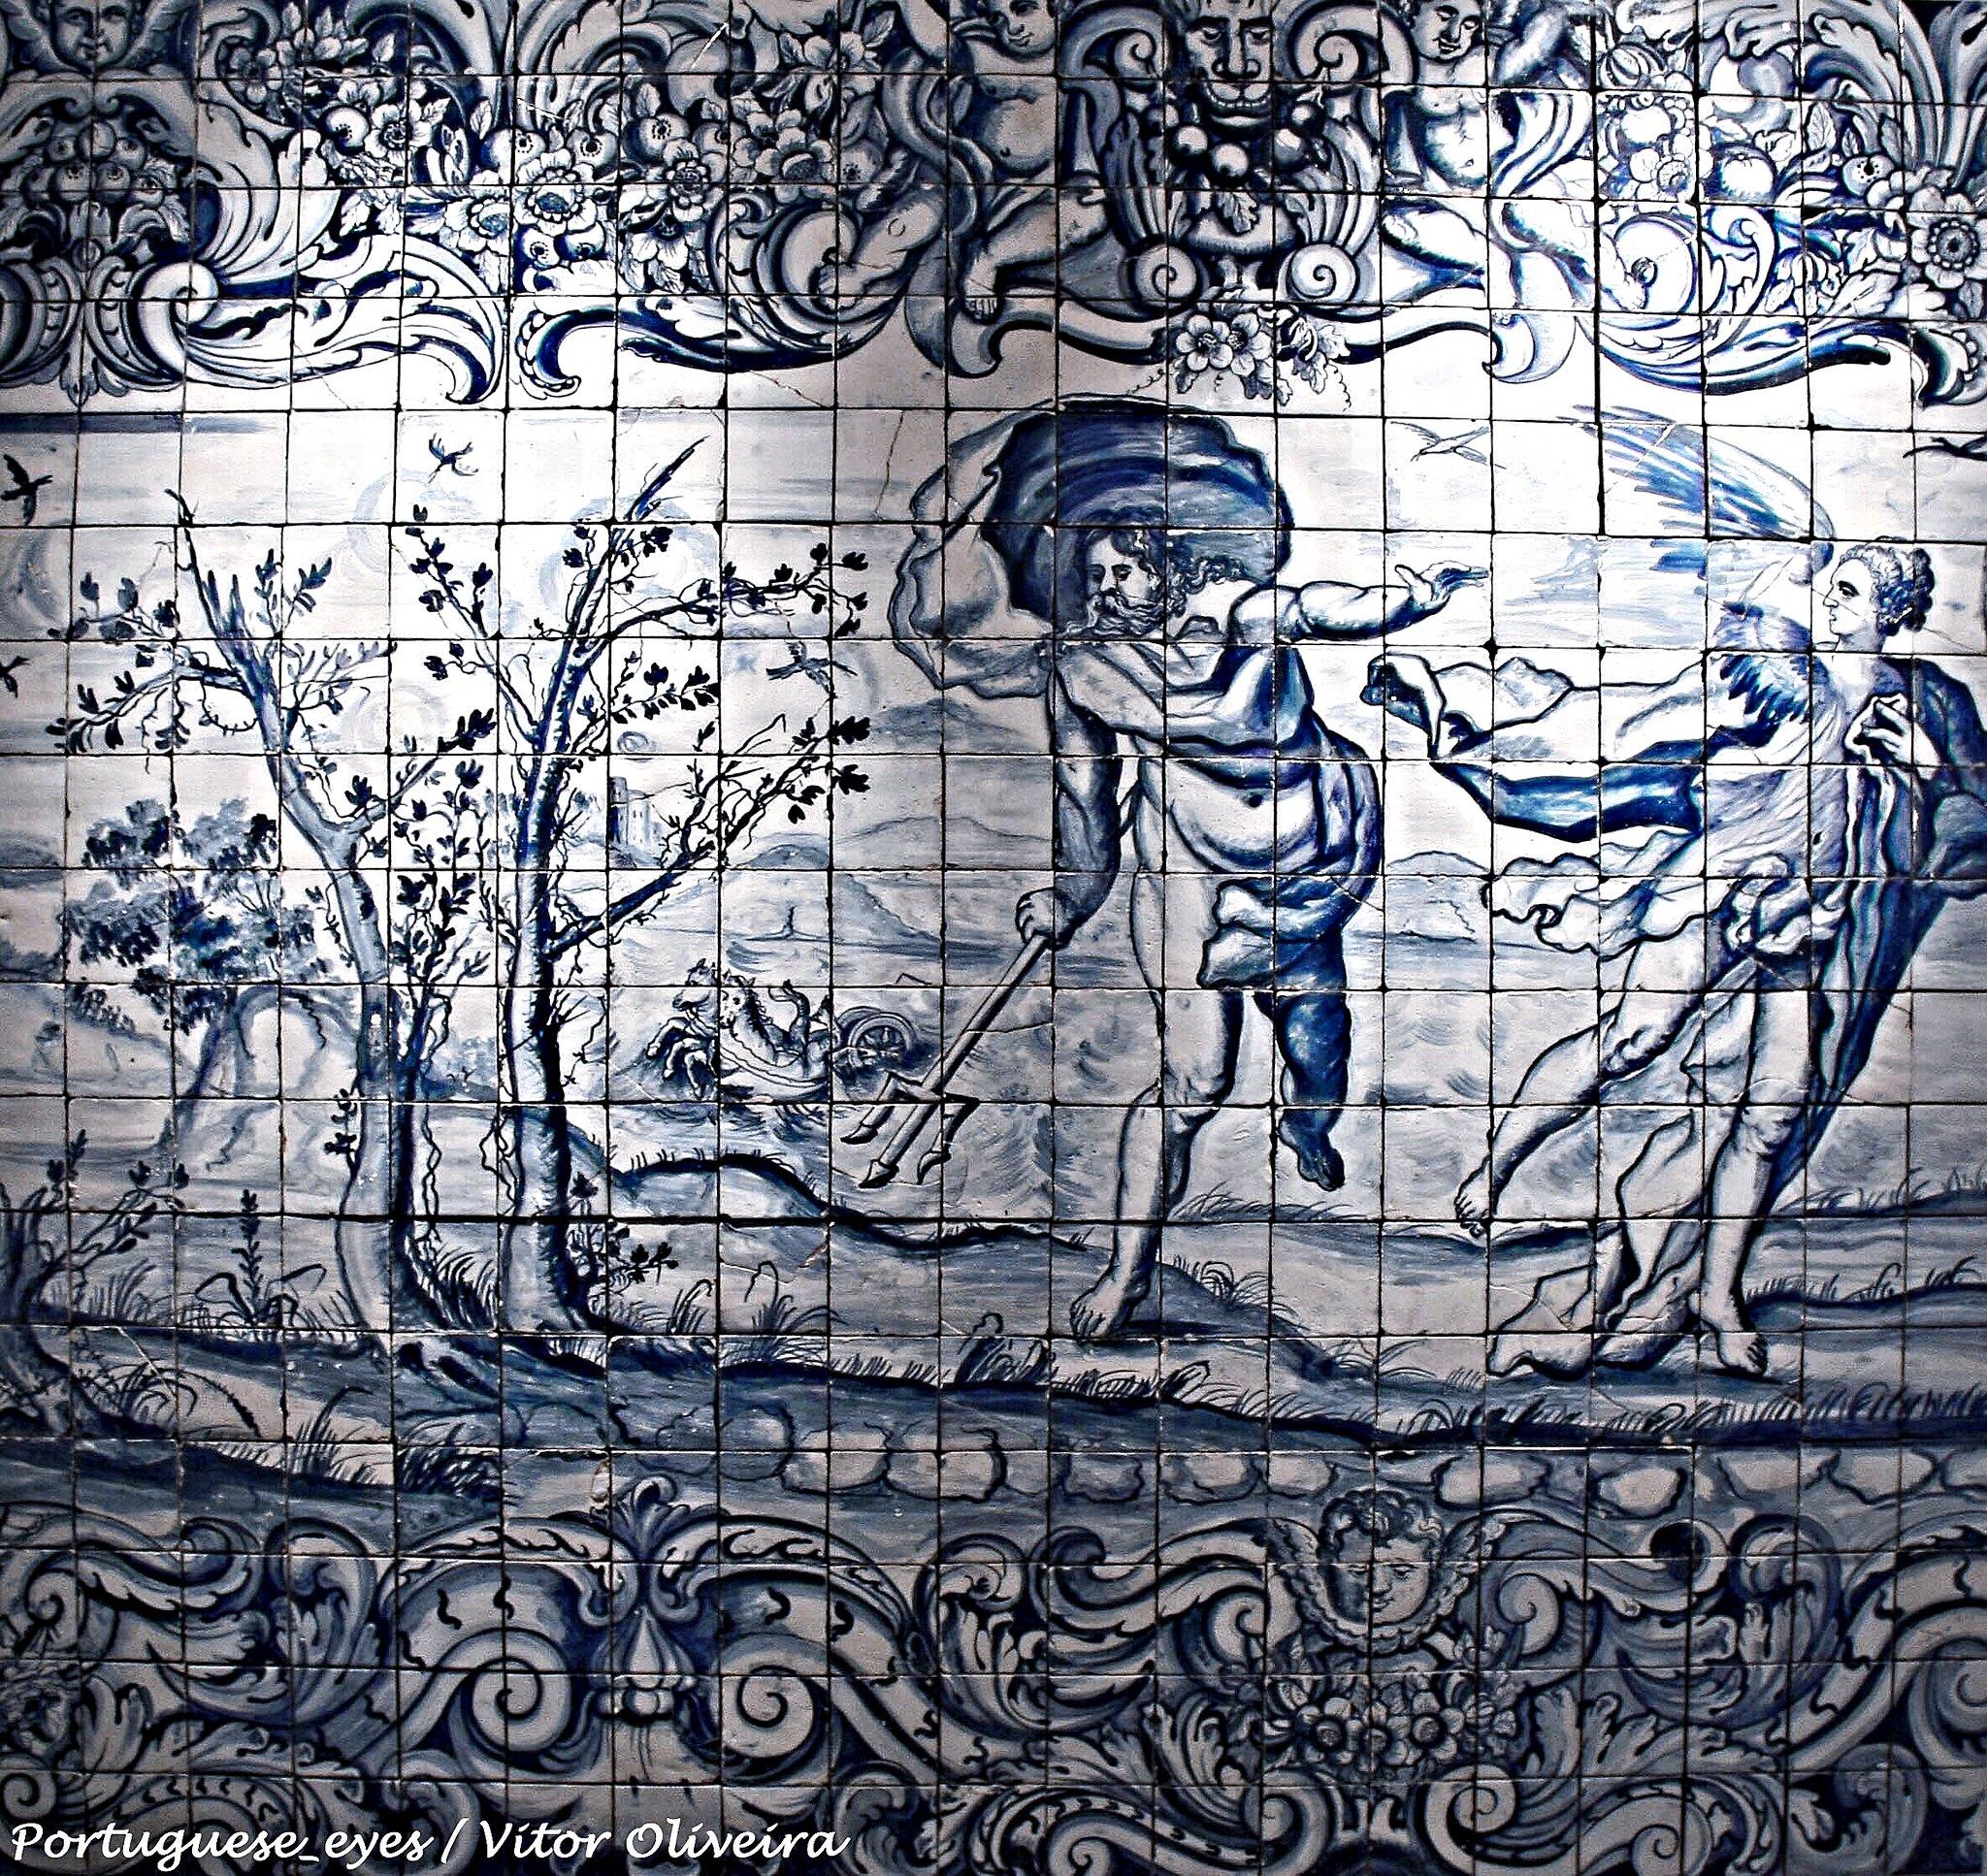 Museu do azulejo, pormenor